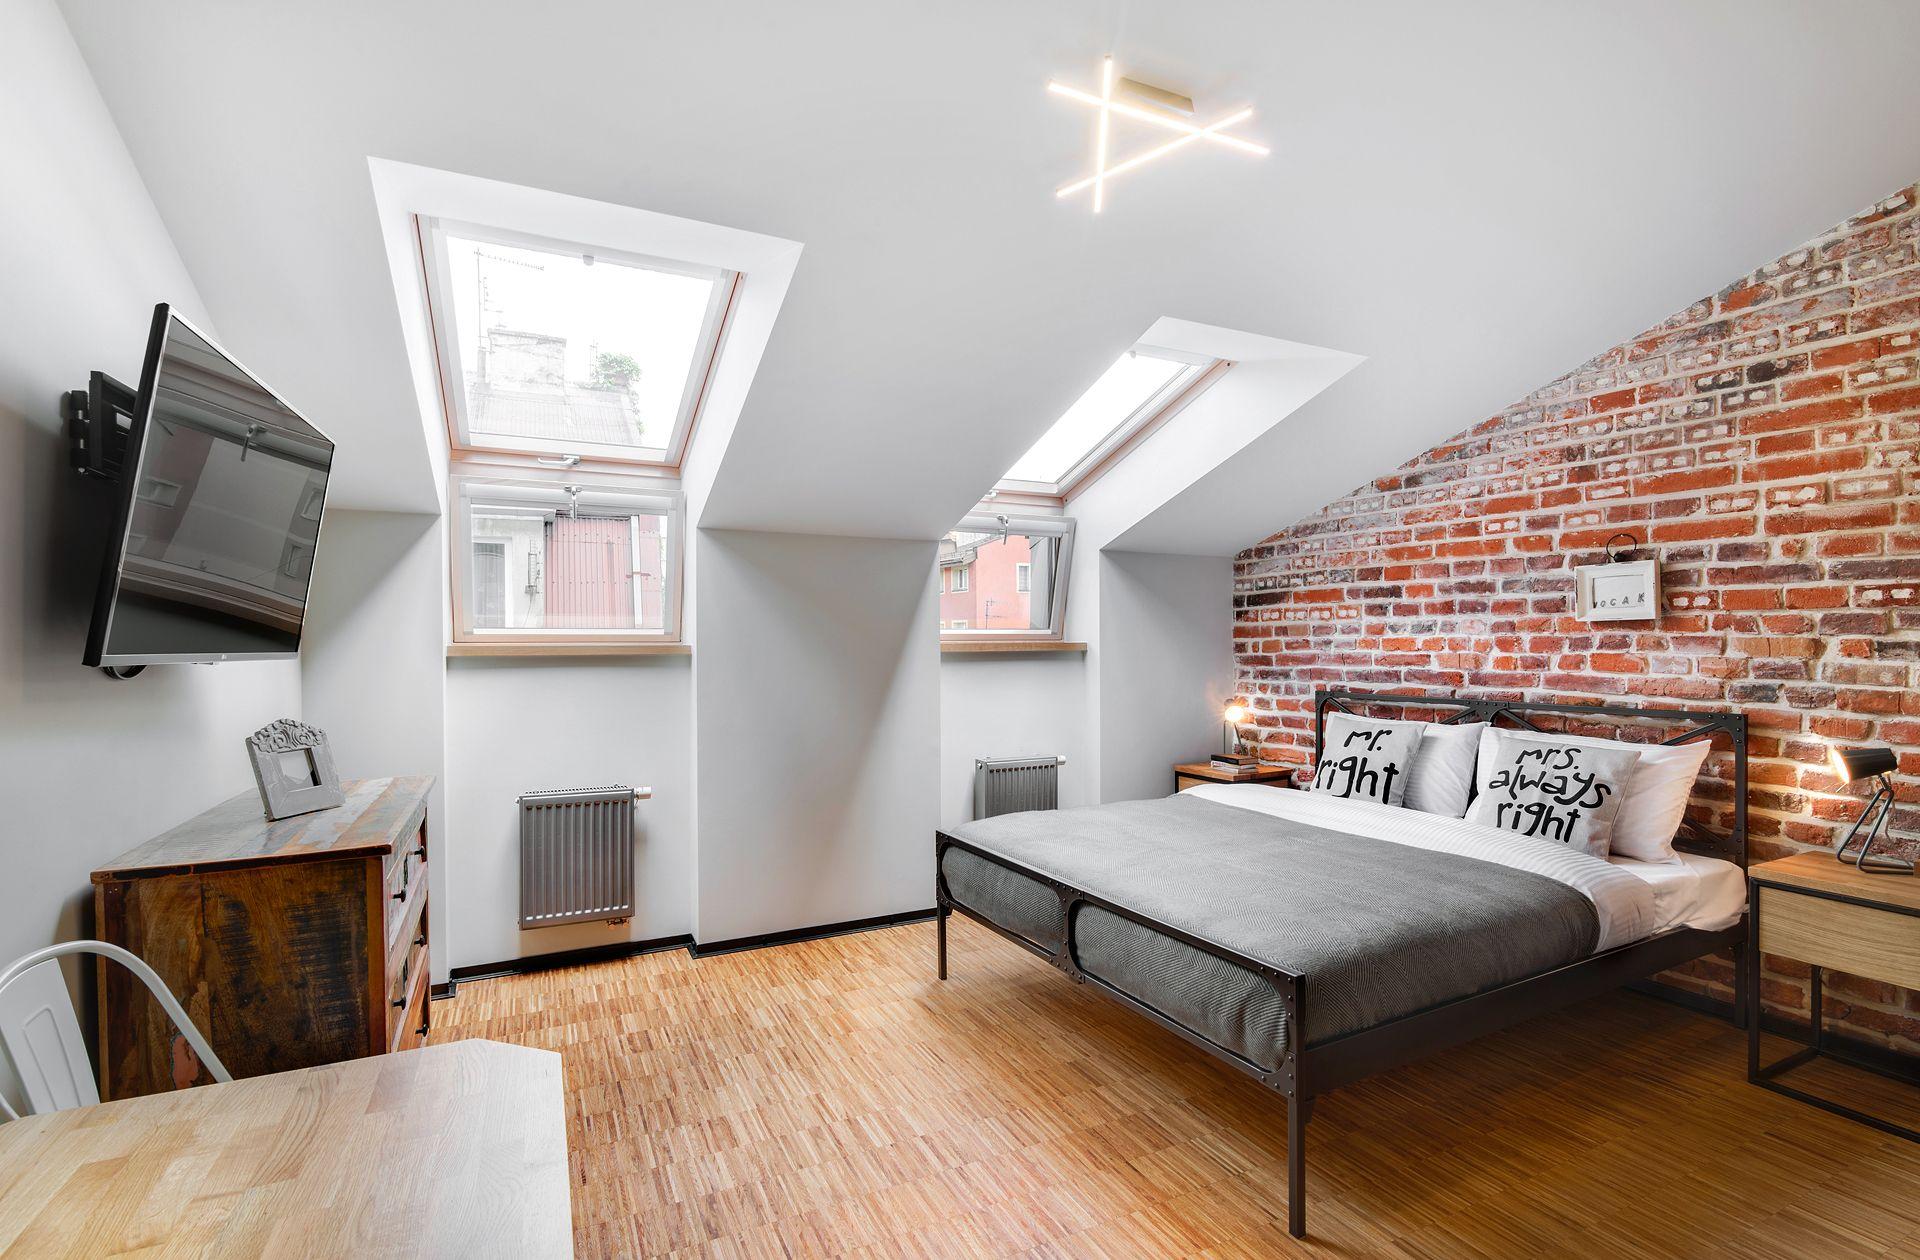 wellwellaparthotel.pl - apartments i Krakow